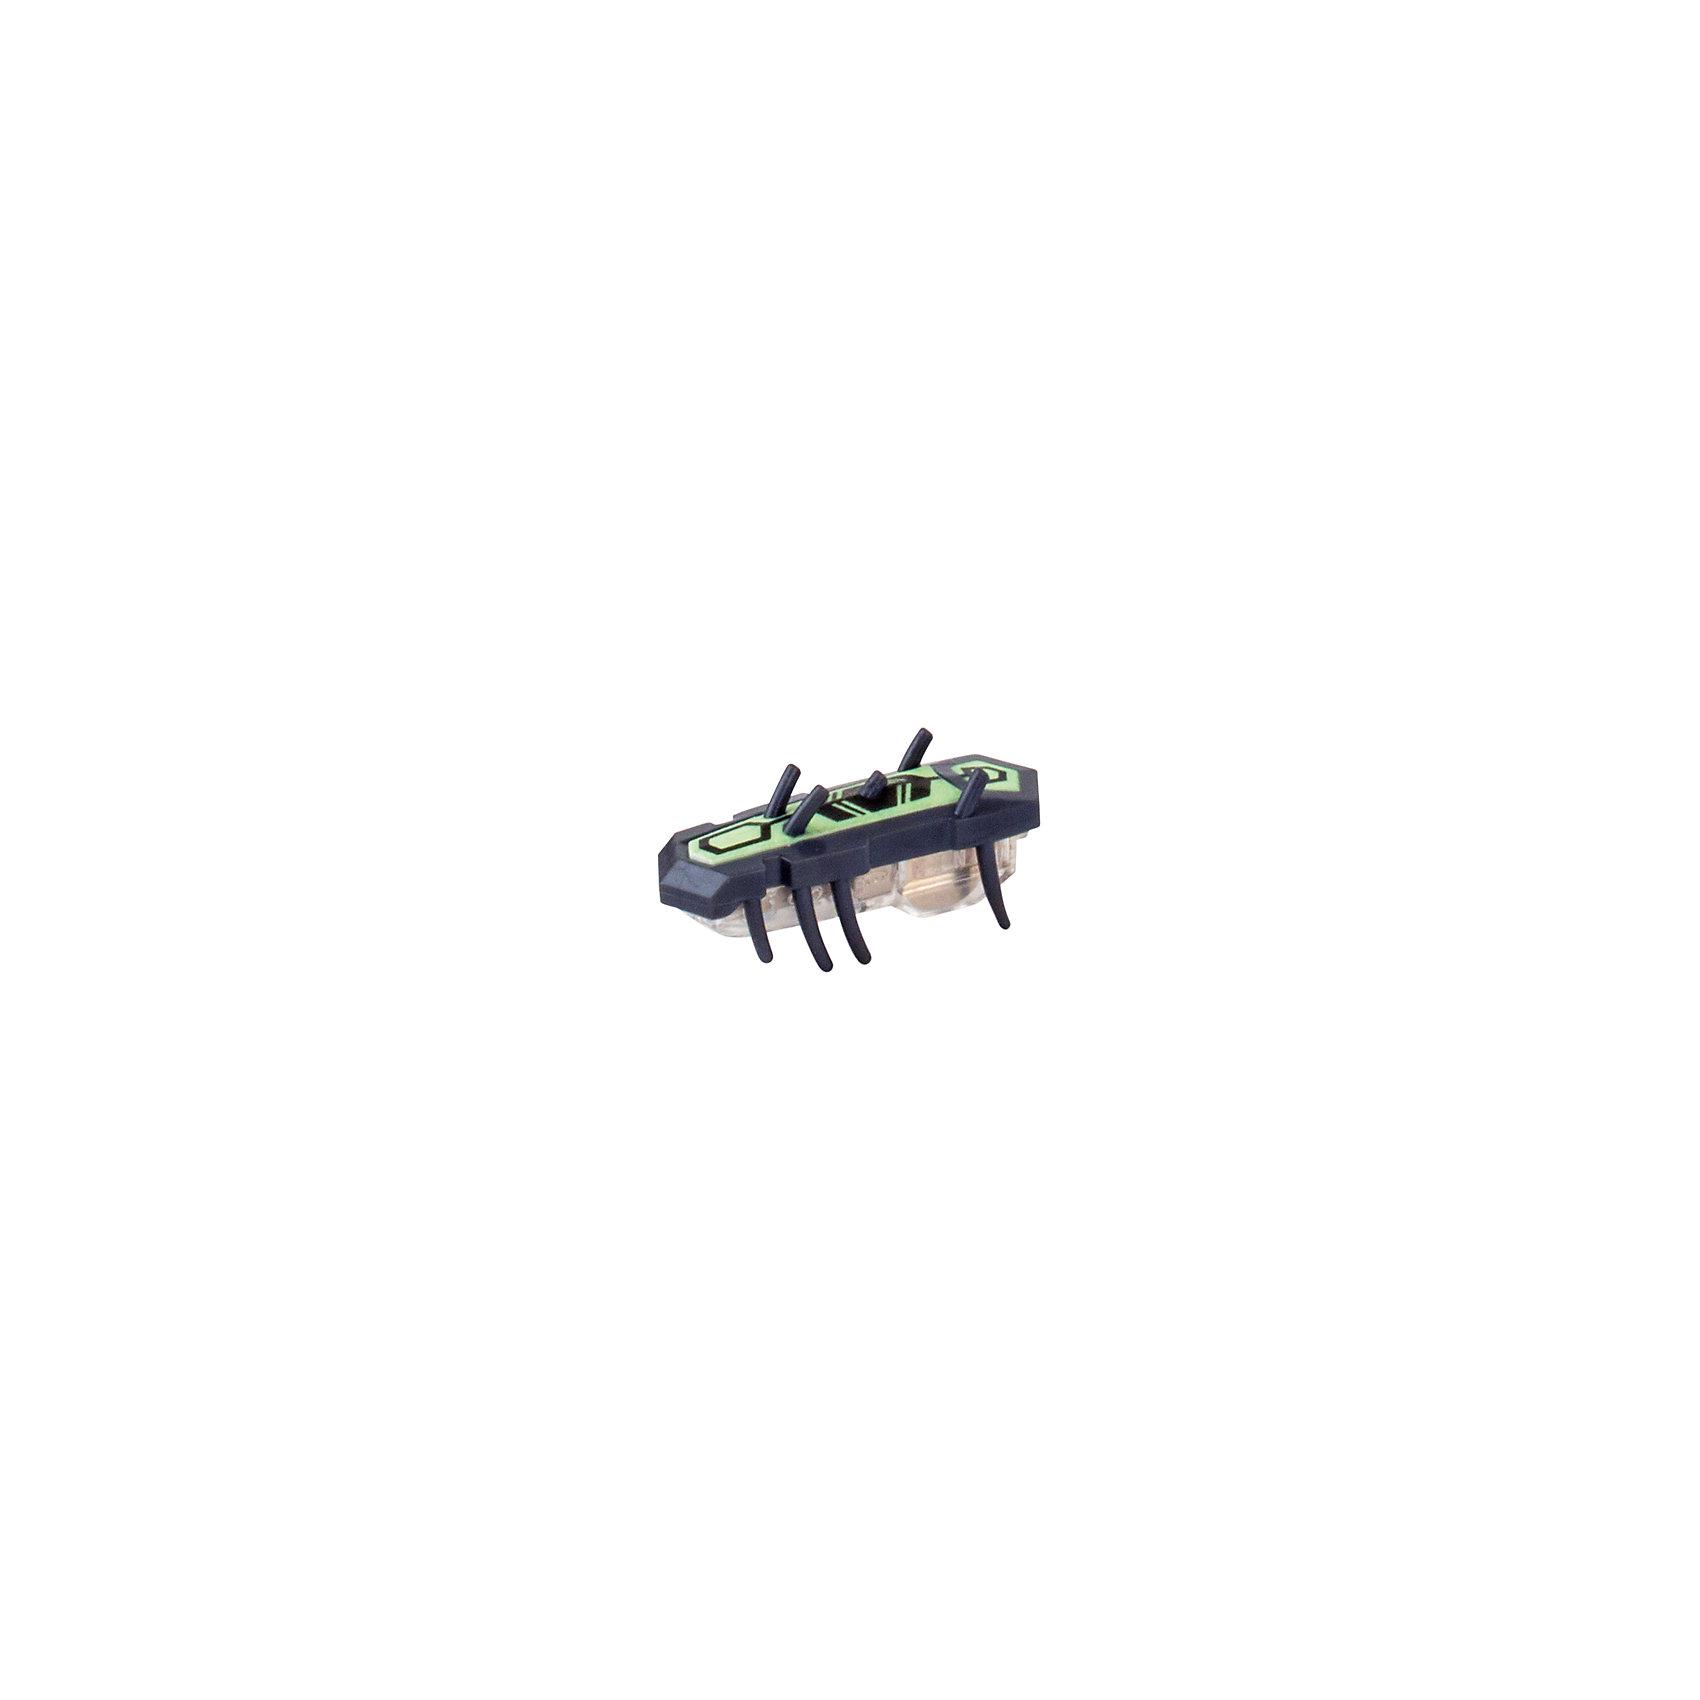 Микро-робот Nitro Glow , черный, HexbugИнтерактивные игрушки для малышей<br>Микро-робот Nitro Glow, черный, Hexbug (Хексбаг)<br><br>Характеристики:<br><br>• быстро меняет траекторию движения<br>• самостоятельно переворачивается<br>• карабкается наверх<br>• мощный моторчик<br>• устойчив к повреждениям<br>• 8 ножек снизу и 5 сверху<br>• батарейки: AG13 - 1 шт. (входит в комплект)<br>• размер: 1,4х2х4,2 см<br>• вес: 8 грамм<br>• цвет: черный<br>• материал: пластик<br>• размер упаковки: 13х5х3 см<br>• вес: 65 грамм<br><br>Маленький робот Nitro Glow невероятно быстрый и ловкий. Он способен двигаться в любом направлении, передвигая своими крохотными лапками. Не спешите поднимать микро-робота, если он повернулся на спинку - Nitro Glow сможет самостоятельно перевернуться и продолжить забег. Благодаря усовершенствованным технологиям и пяти верхним лапкам жучок научился взбираться по специальным трубочкам из лабиринтов нанодрома. При этом старые лабиринты тоже отлично подойдут для микро-робота.<br><br>Микро-робота Nitro Glow, черный, Hexbug (Хексбаг) можно купить в нашем интернет-магазине.<br><br>Ширина мм: 130<br>Глубина мм: 25<br>Высота мм: 25<br>Вес г: 30<br>Возраст от месяцев: 36<br>Возраст до месяцев: 2147483647<br>Пол: Унисекс<br>Возраст: Детский<br>SKU: 5507236